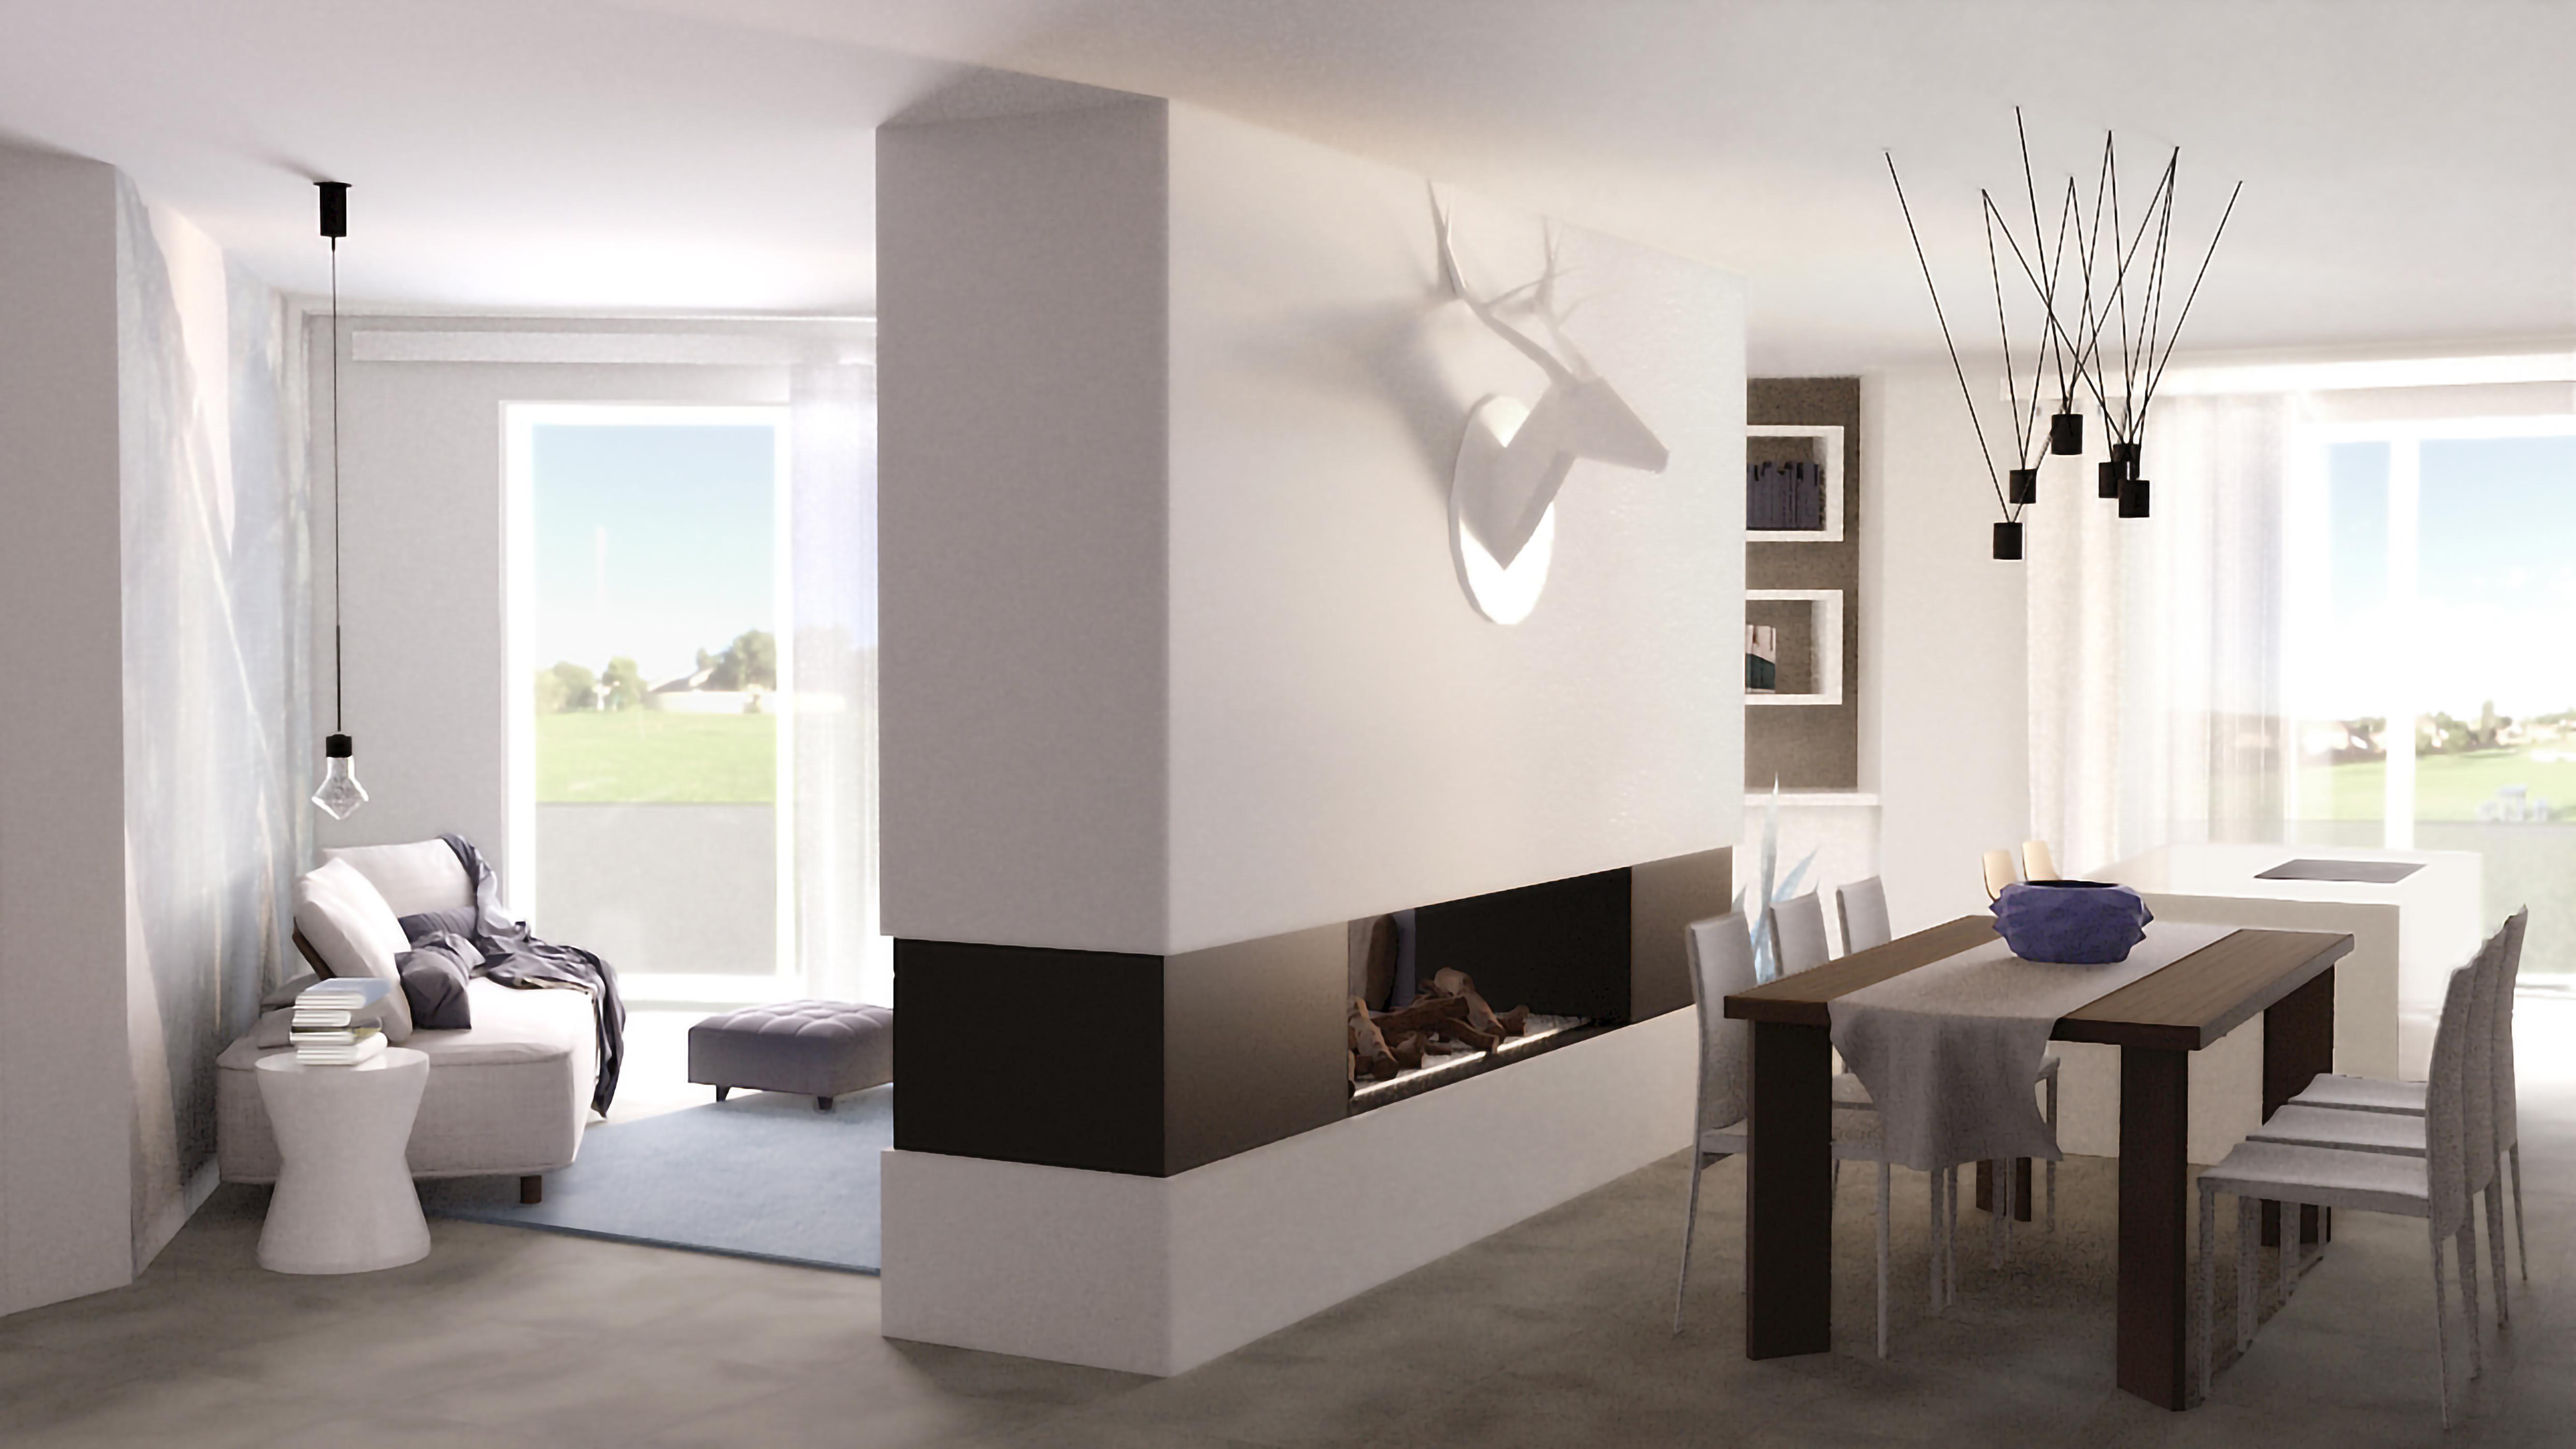 Piante Da Appartamento 3d.Progetto 3d Per Una Zona Giorno Con Pianta Irregolare E Pilastro